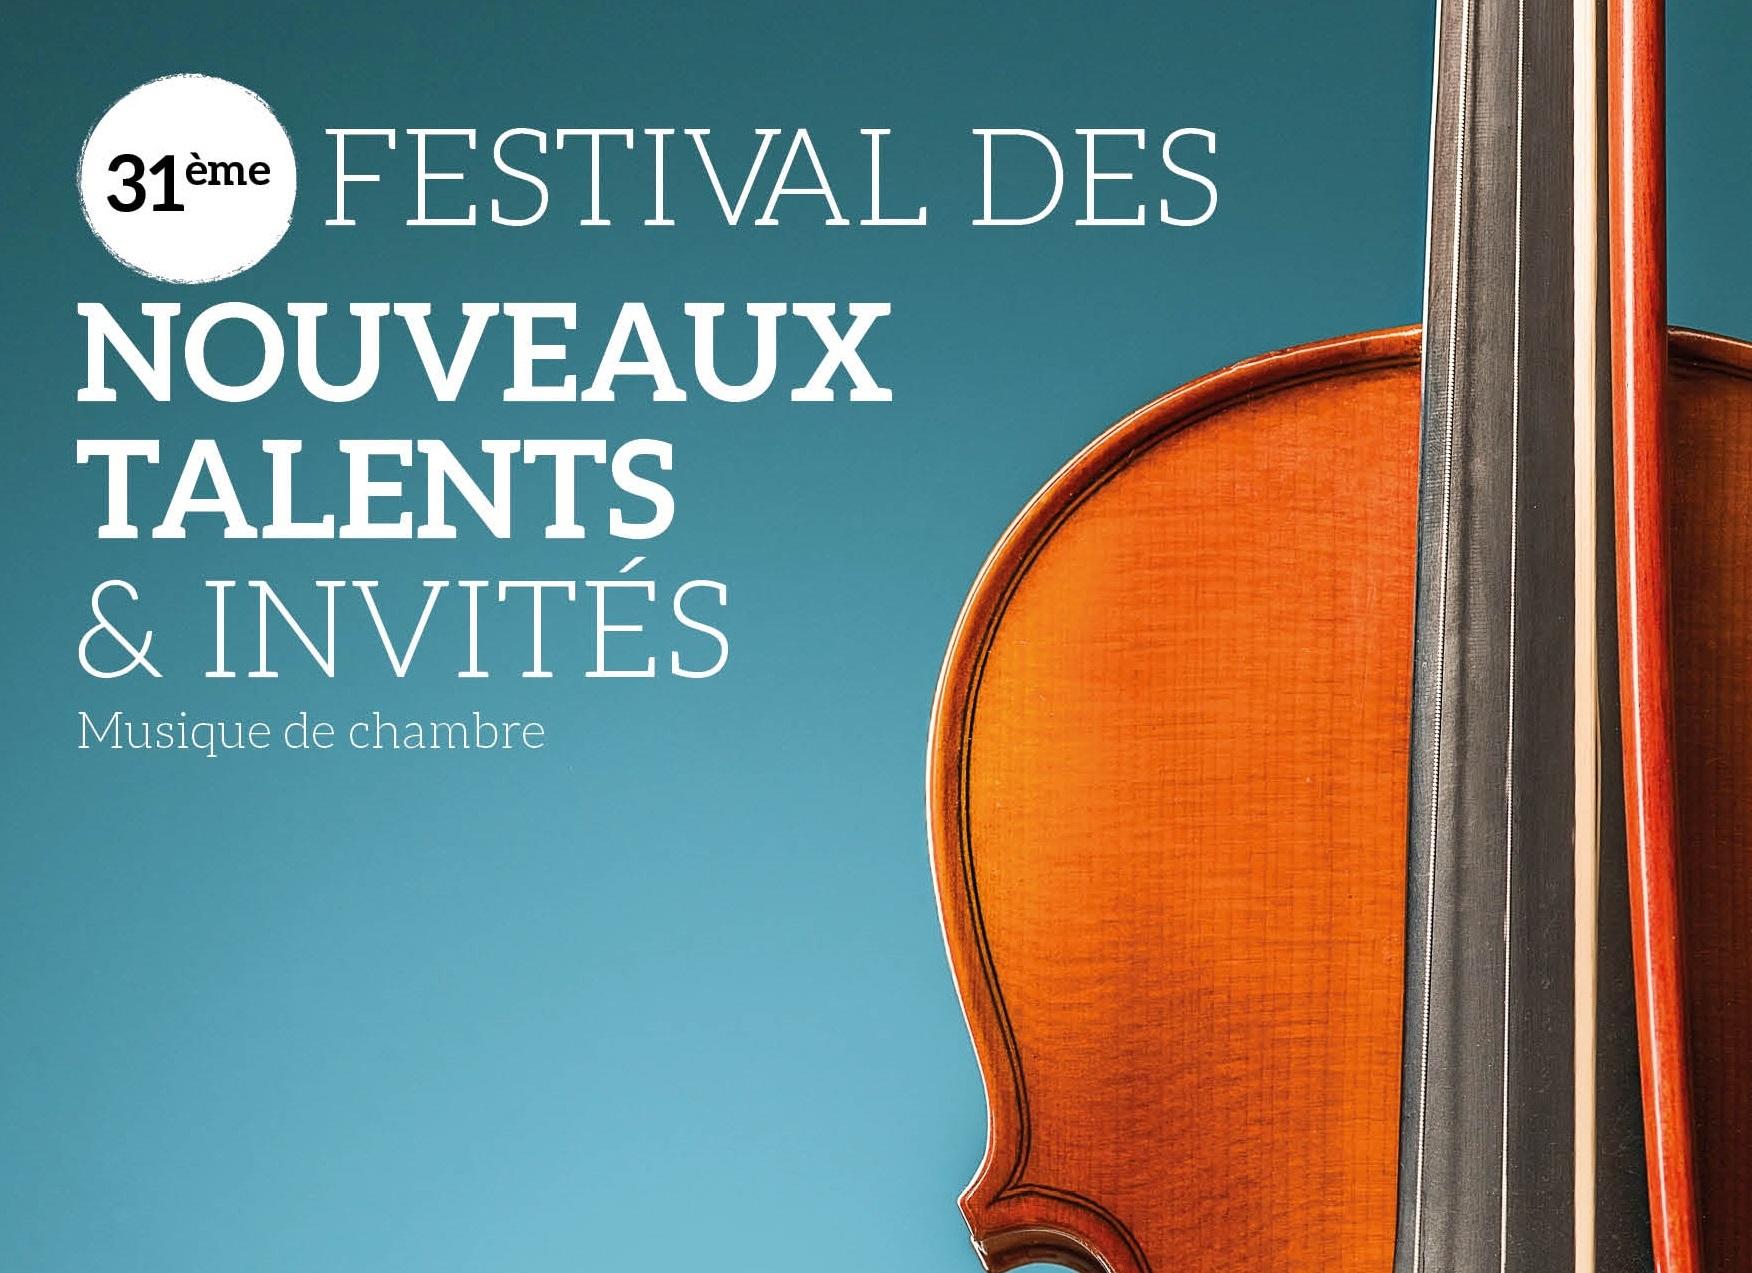 Festival des Nouveaux Talents